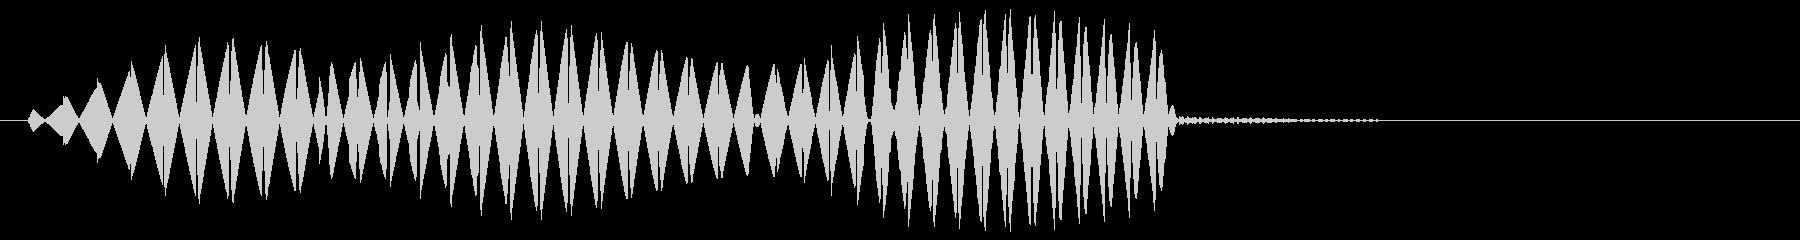 ピロッ(スコアカウンター音・選択決定音)の未再生の波形